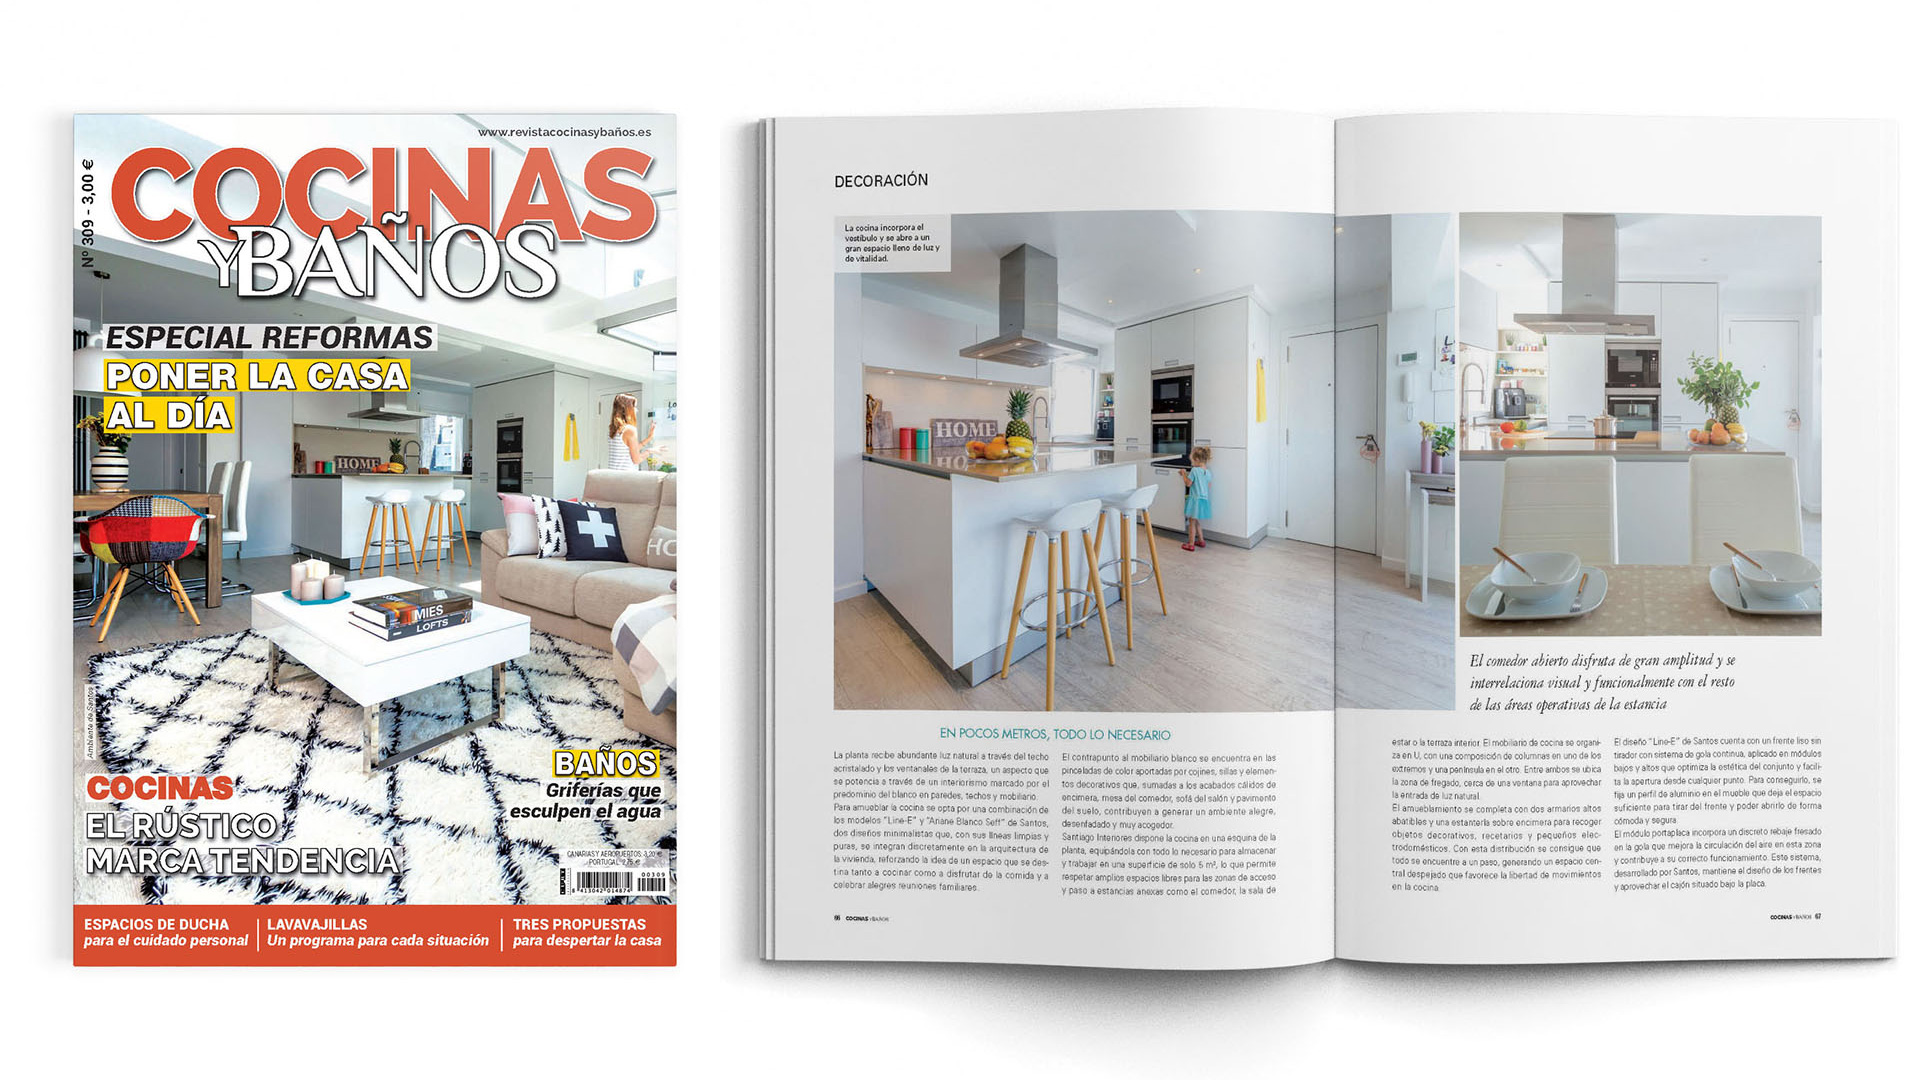 Revista Decoracion Cocinas | Santiago Interiores En Los Medios Una Cocina Abierta Cocinas Santos